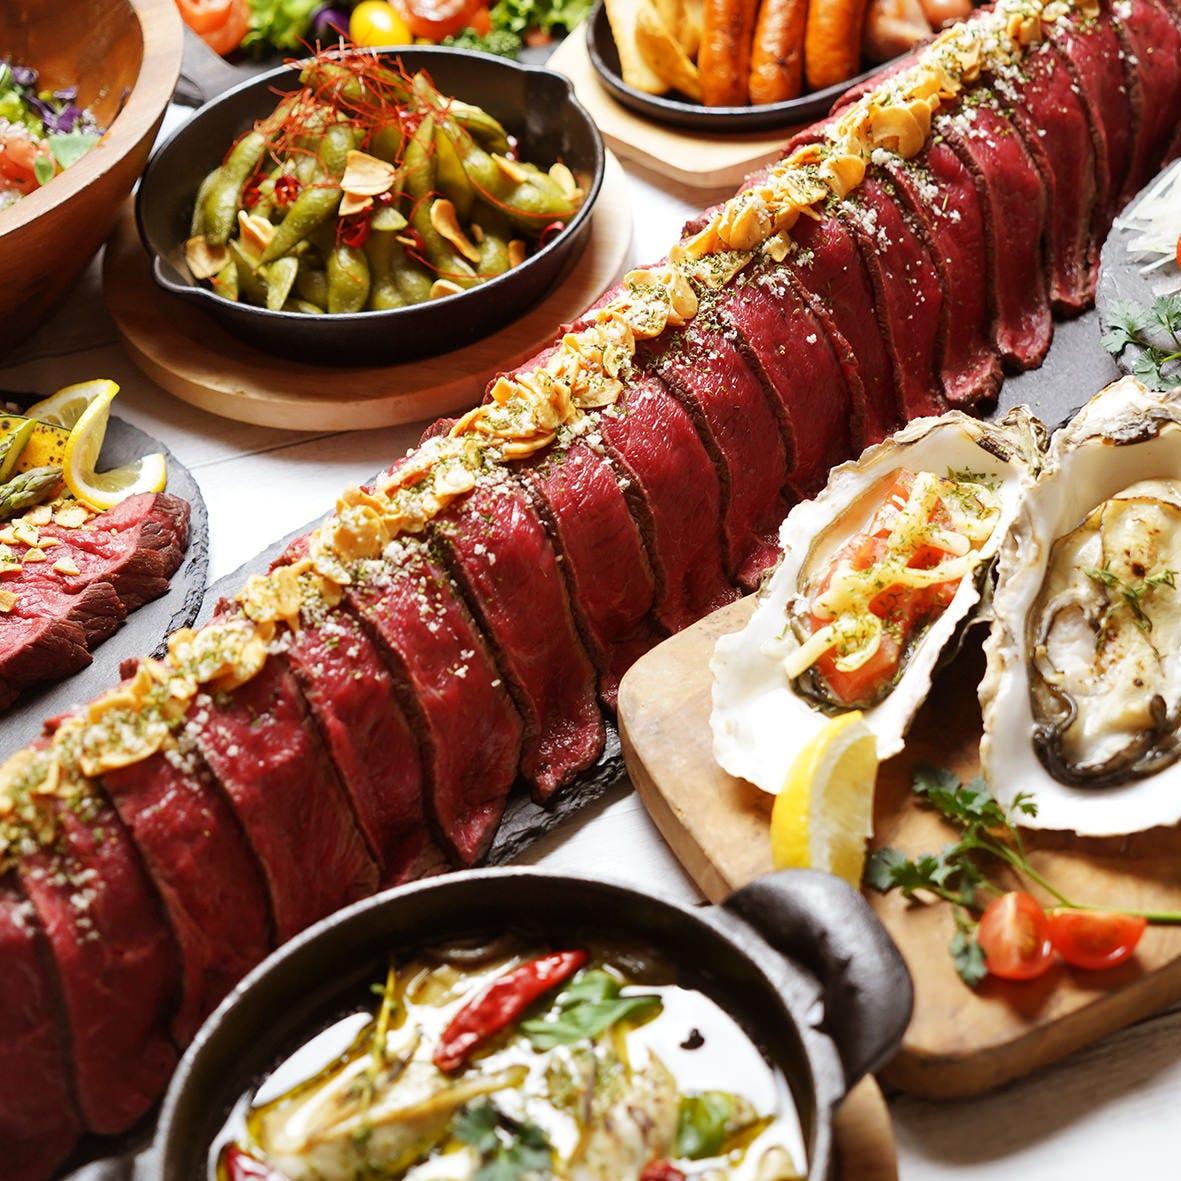 肉料理やチーズ料理の食べ放題プラン